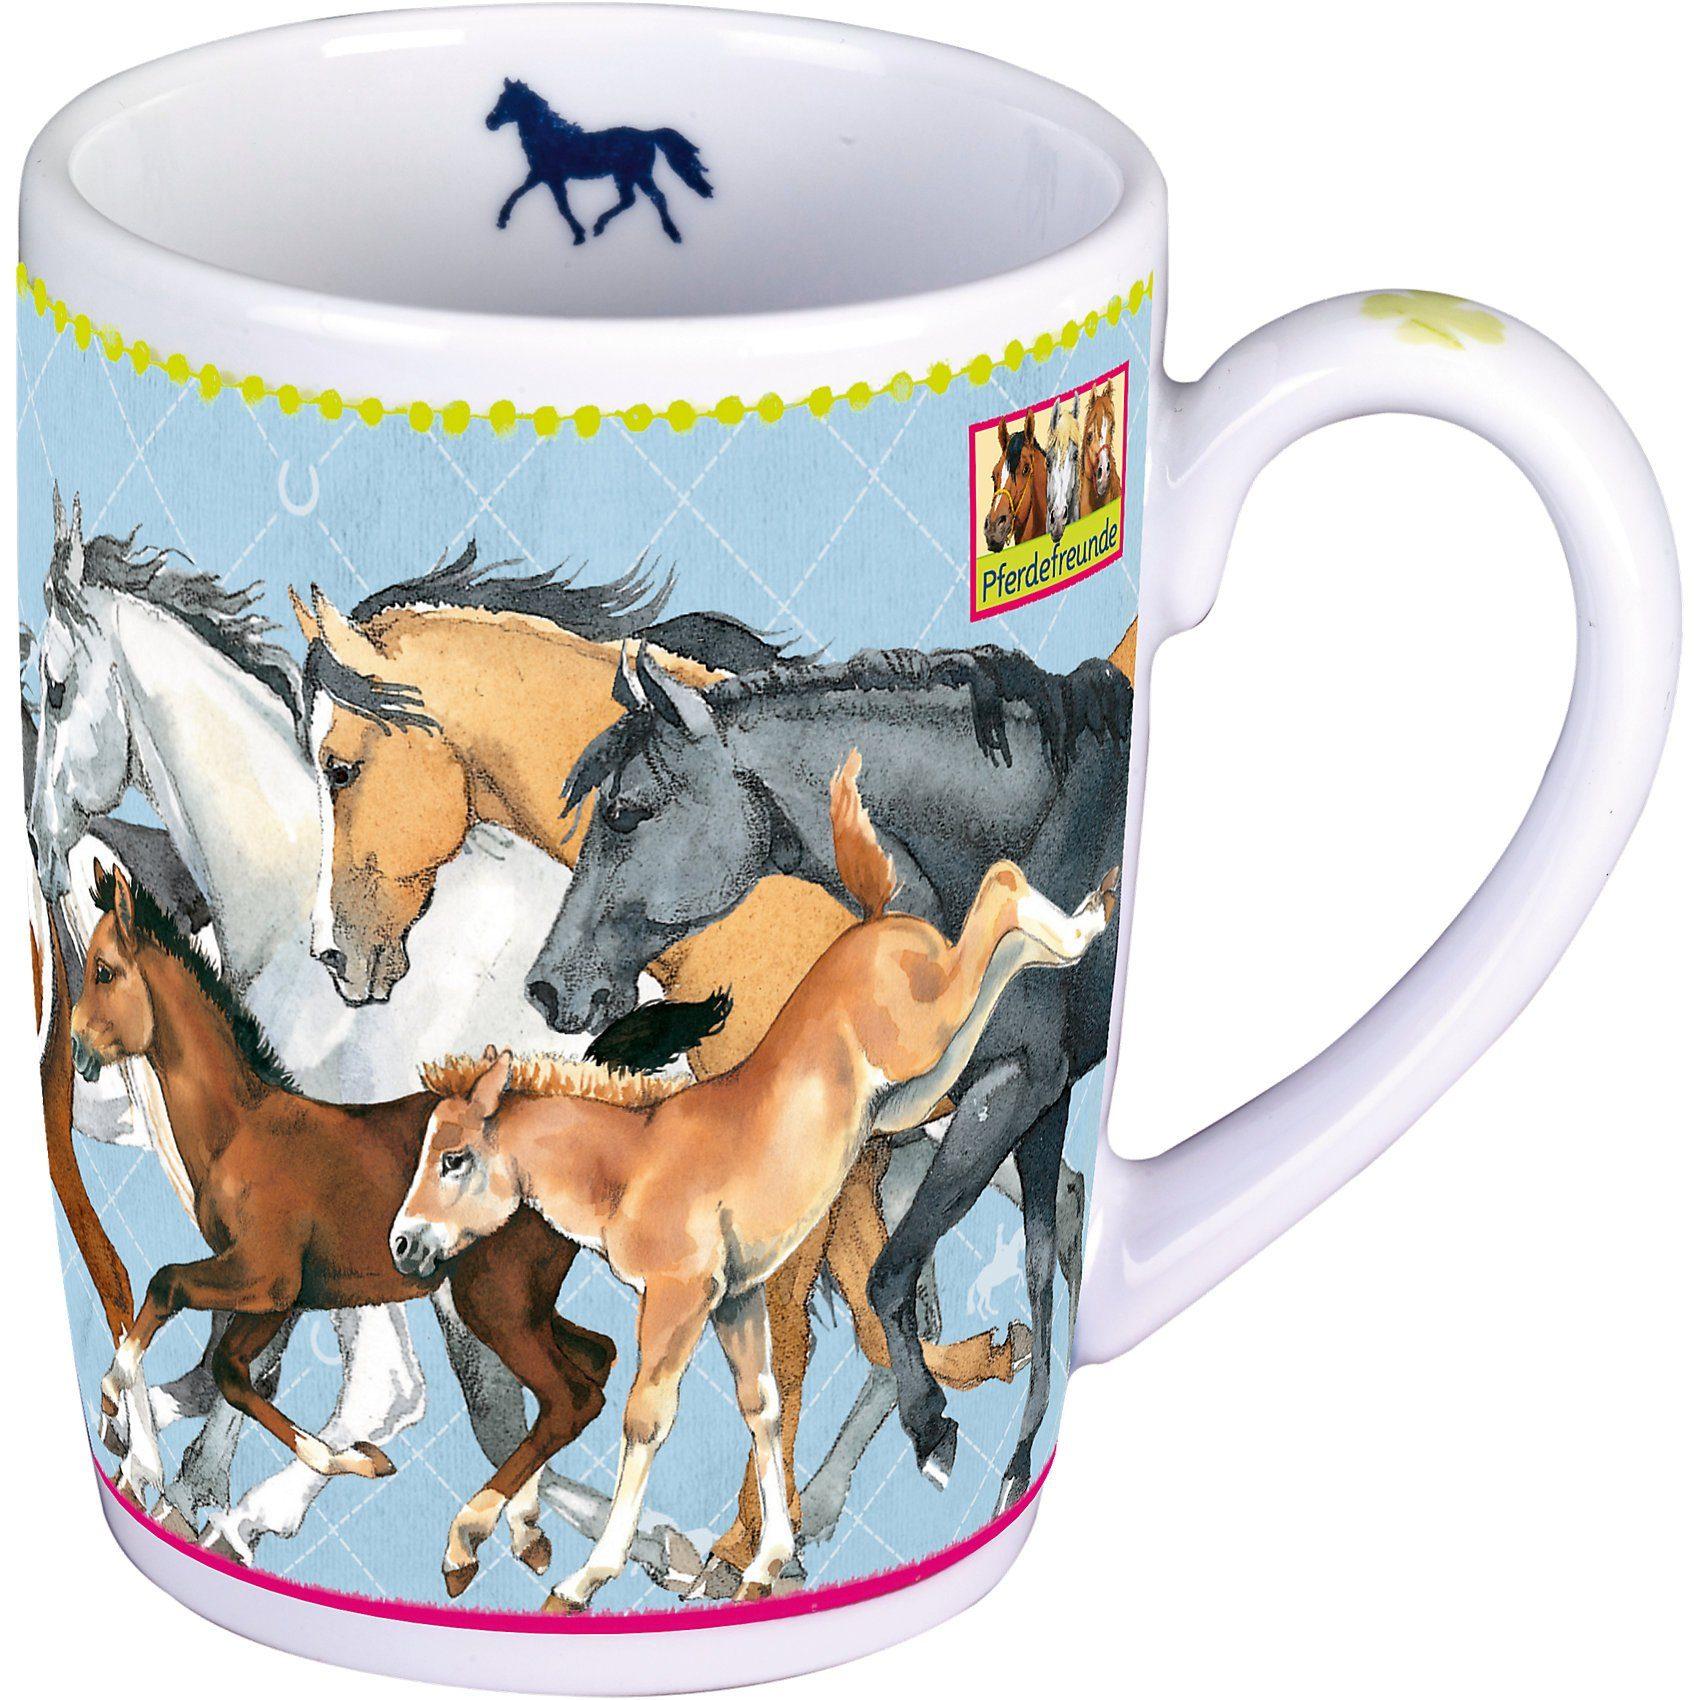 Spiegelburg Porzellan-Tasse Pferdefreunde